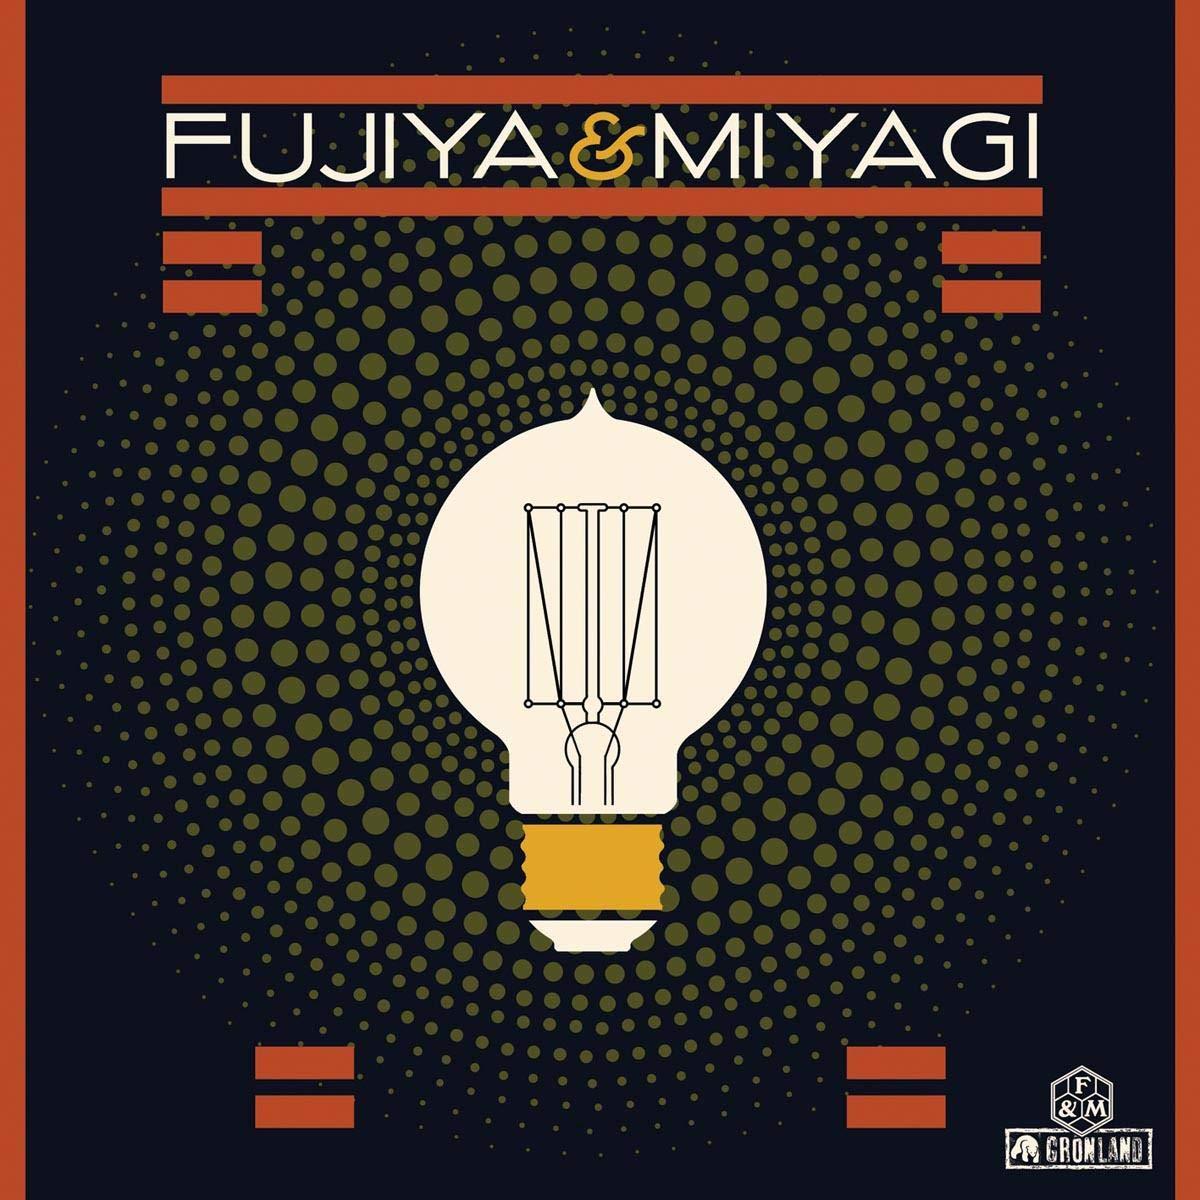 Fujiya & Miyagi, Lightbulbs